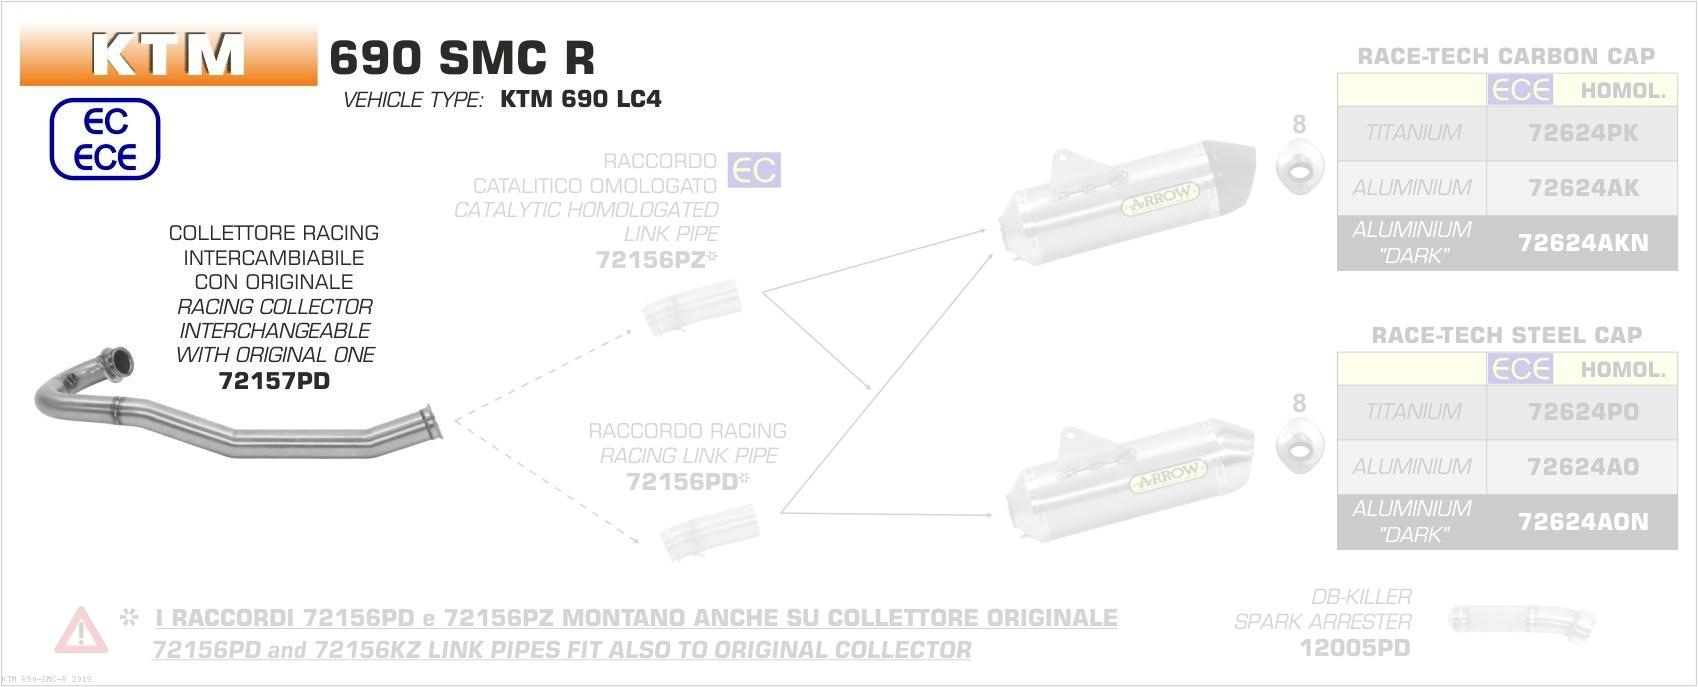 Racing Collectors by Arrow KTM / 690 SMC R / 2019 (72157PD)